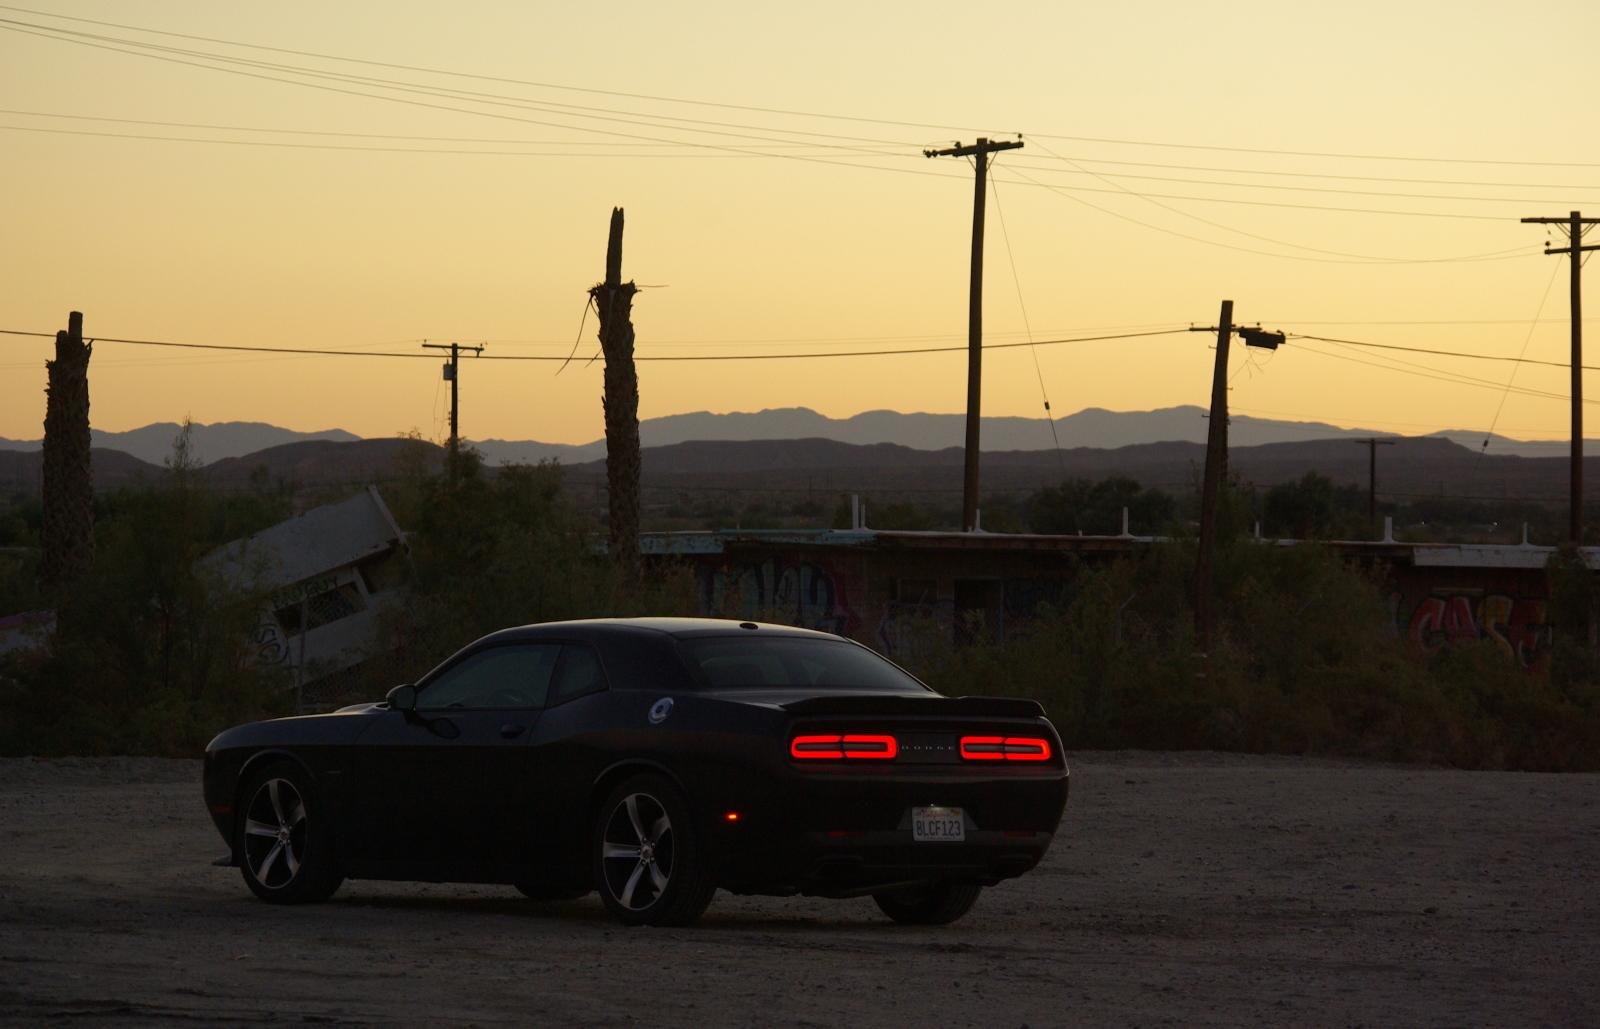 Road Trip / Ouest des USA en Challenger de location -Part II Imgpk251